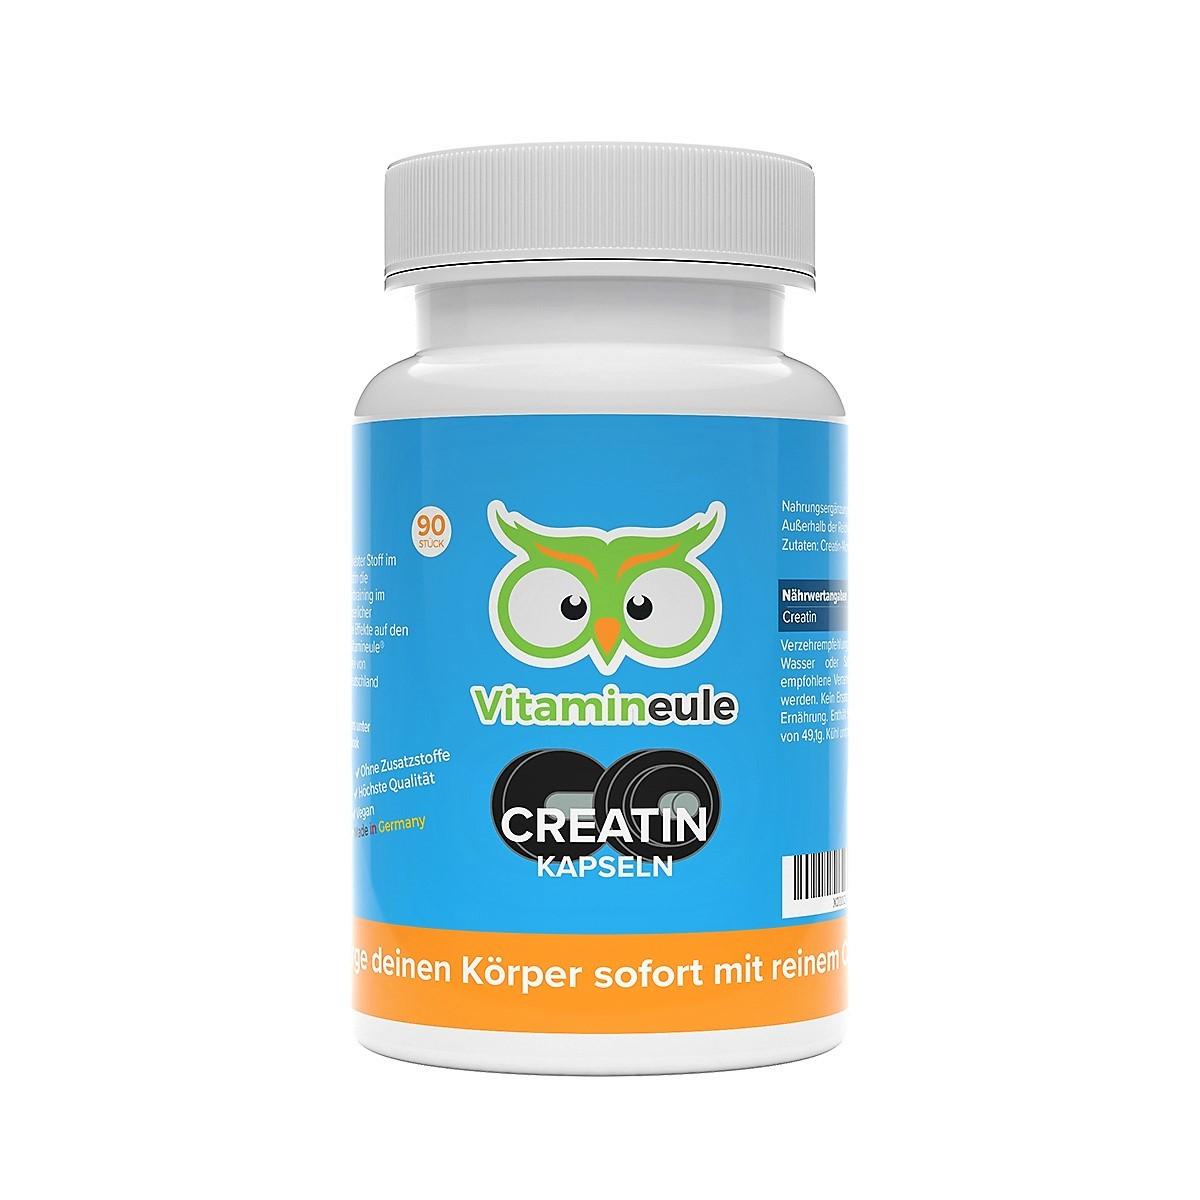 Creatin Kapseln von Vitamineule